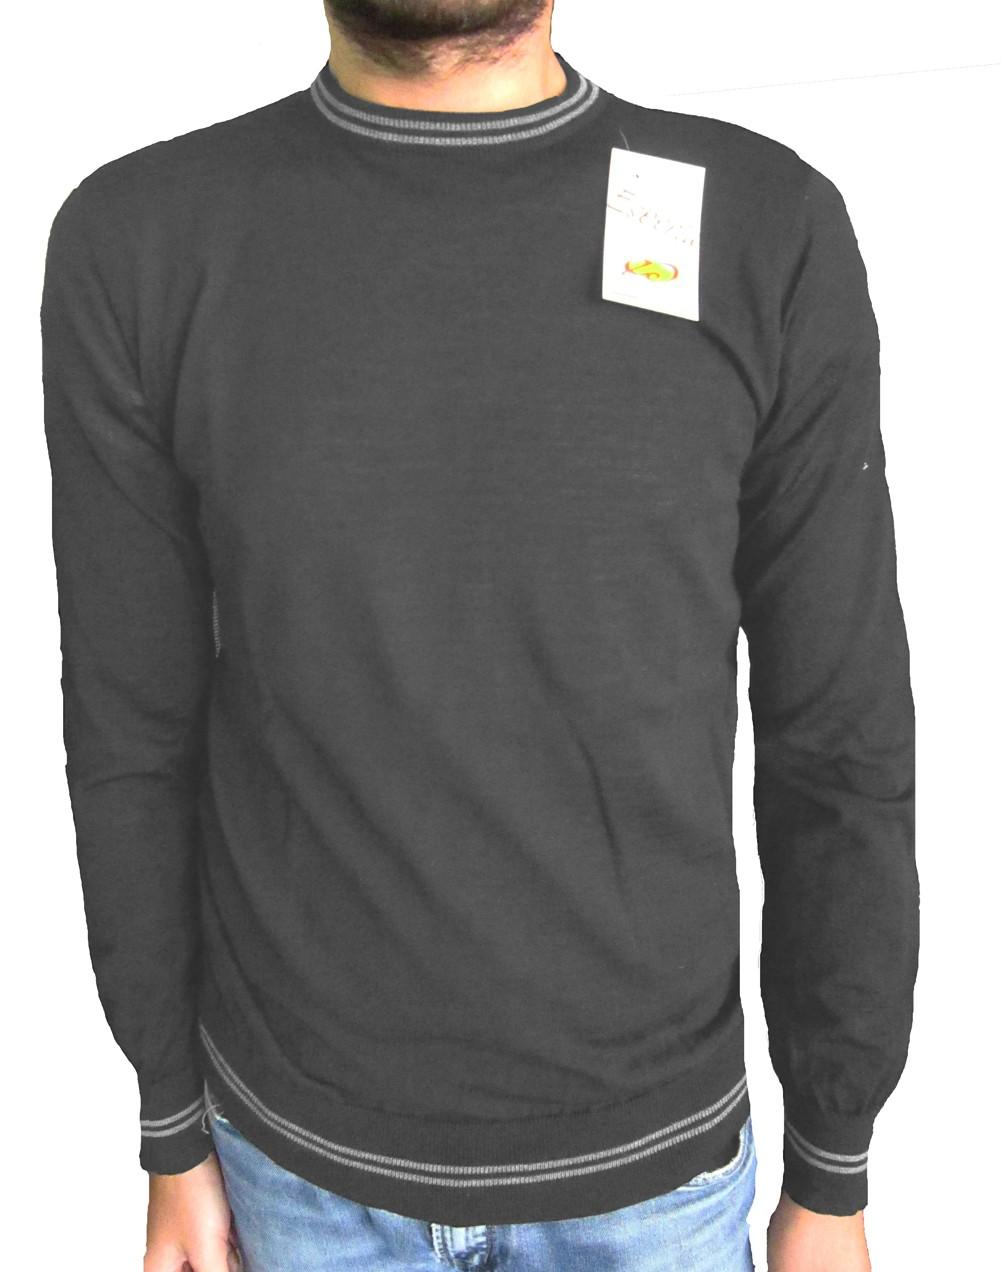 Maglia Righino Grigio- Grey Sweater with Little Stripe